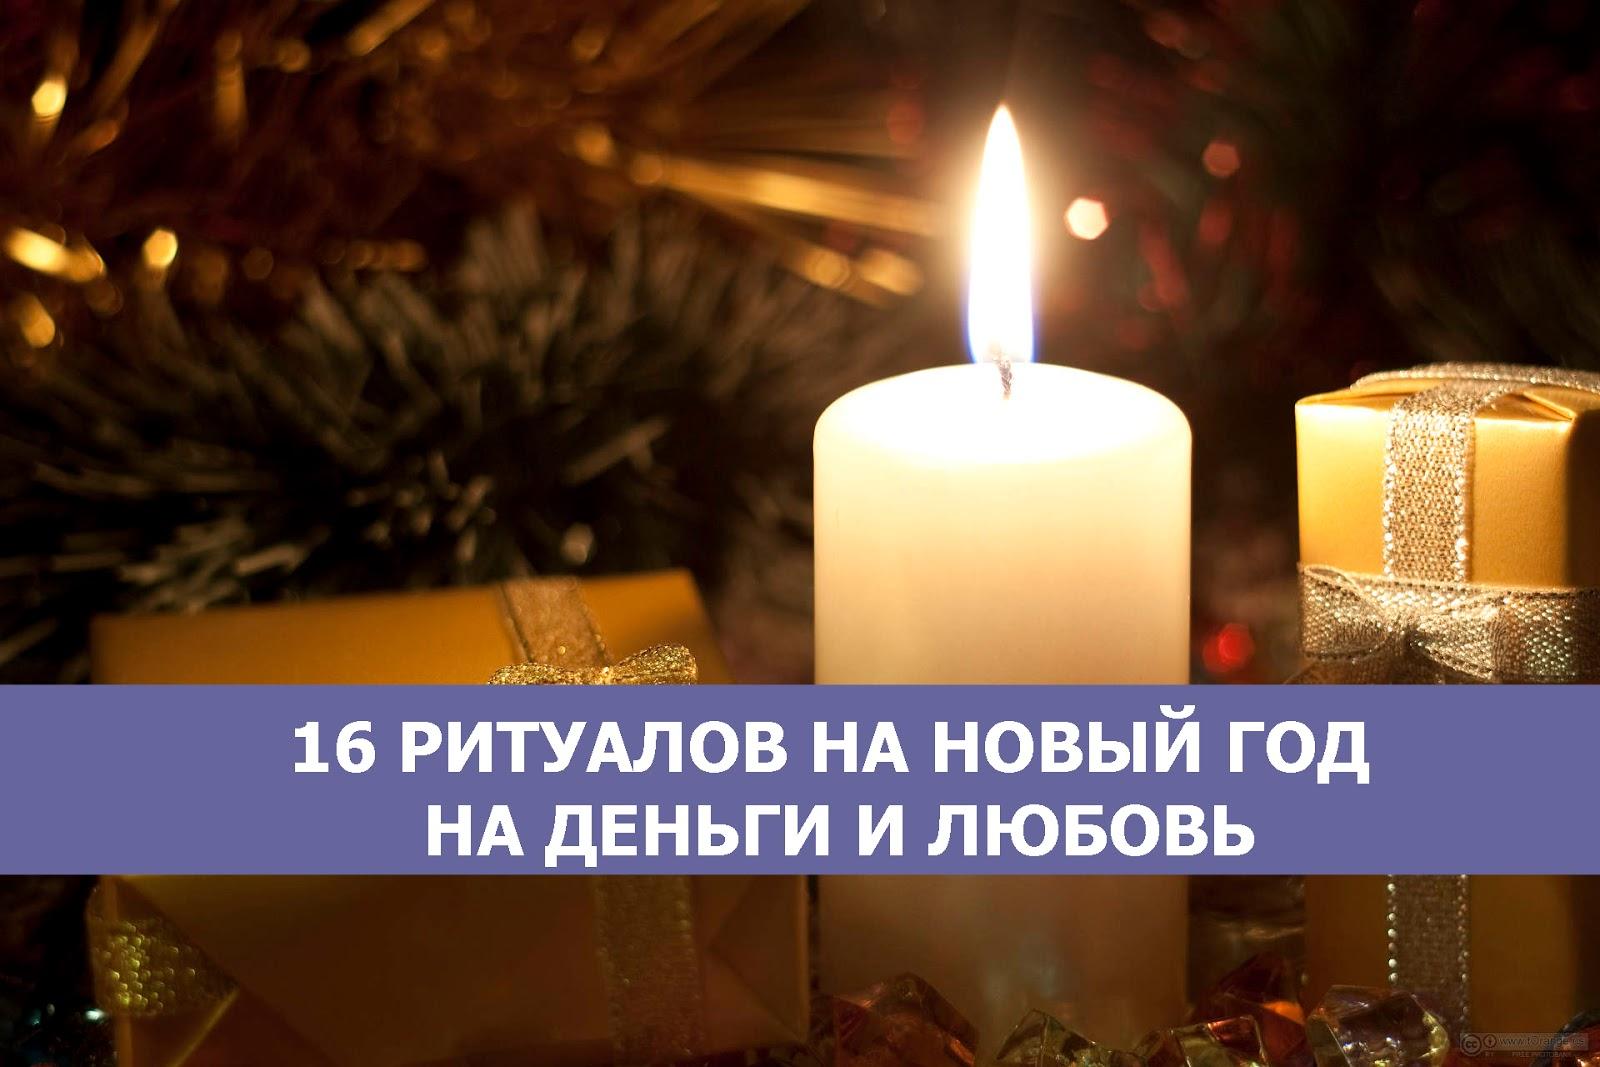 Новогодняя магия и её ритуалы